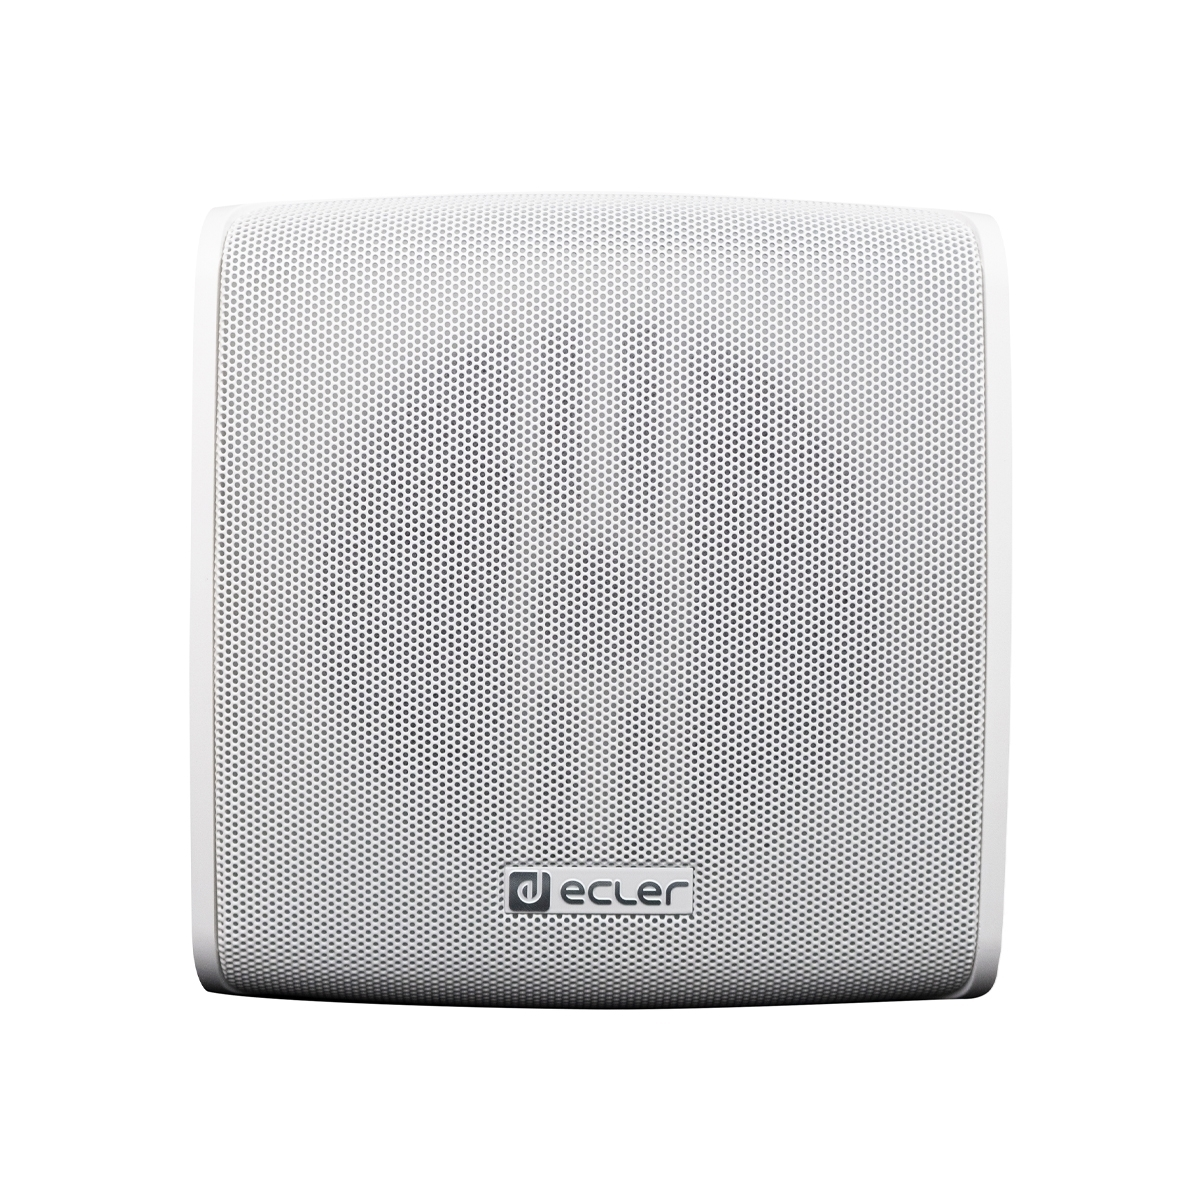 Ecler CUBE (white) - Приемник системы Ecler WiSpeak, беспроводная подвесная АС 5'' белого цвета